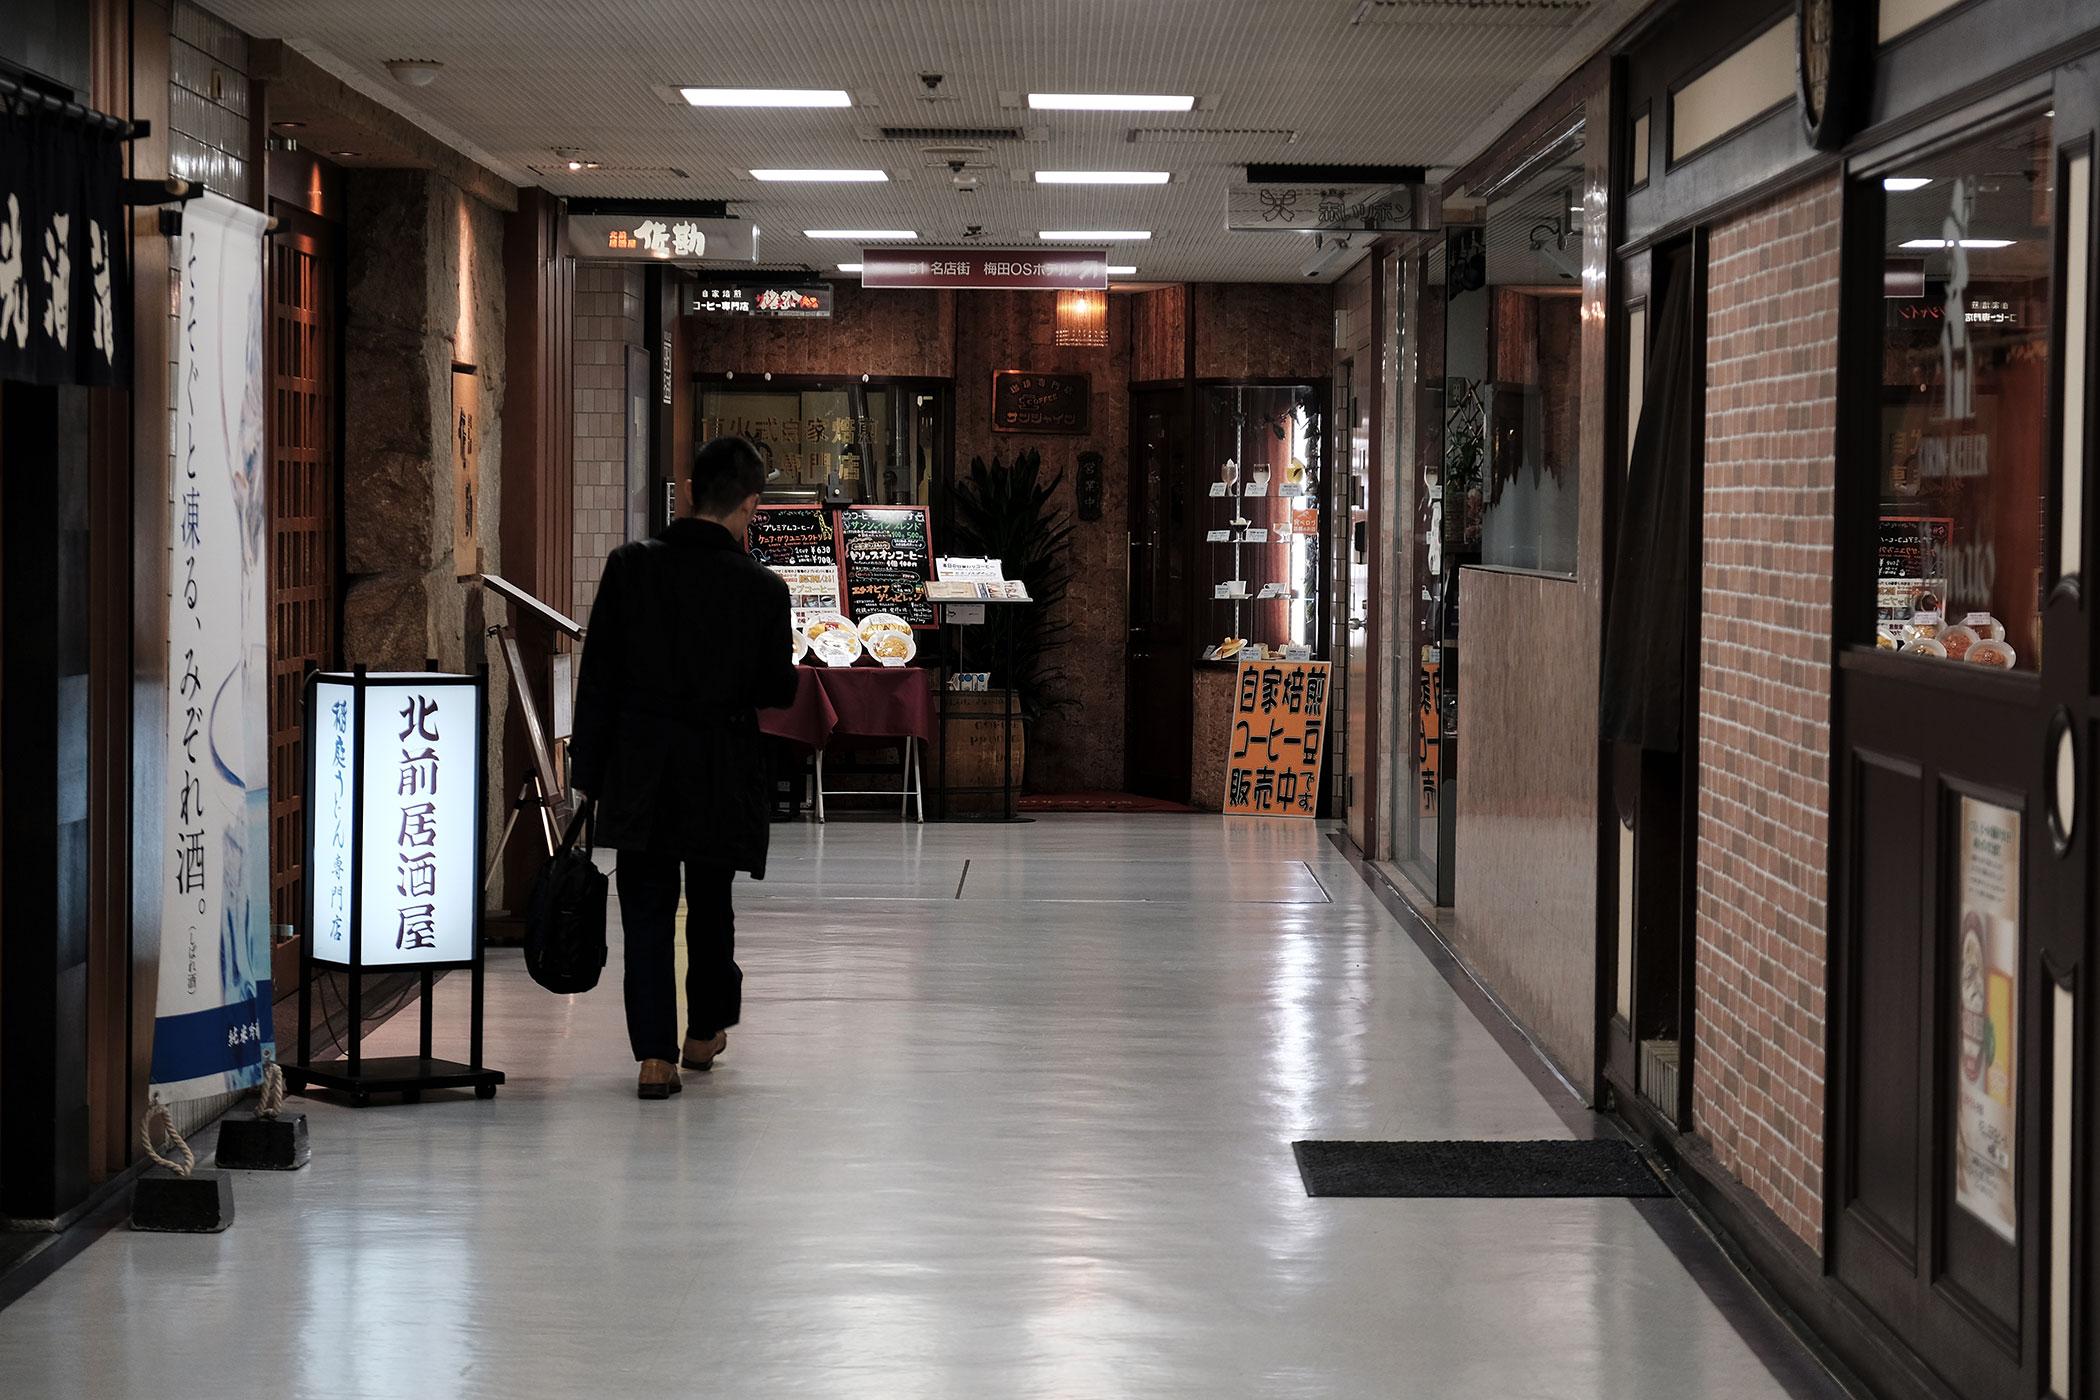 喫茶サンシャイン 大阪のおすすめ喫茶店4選